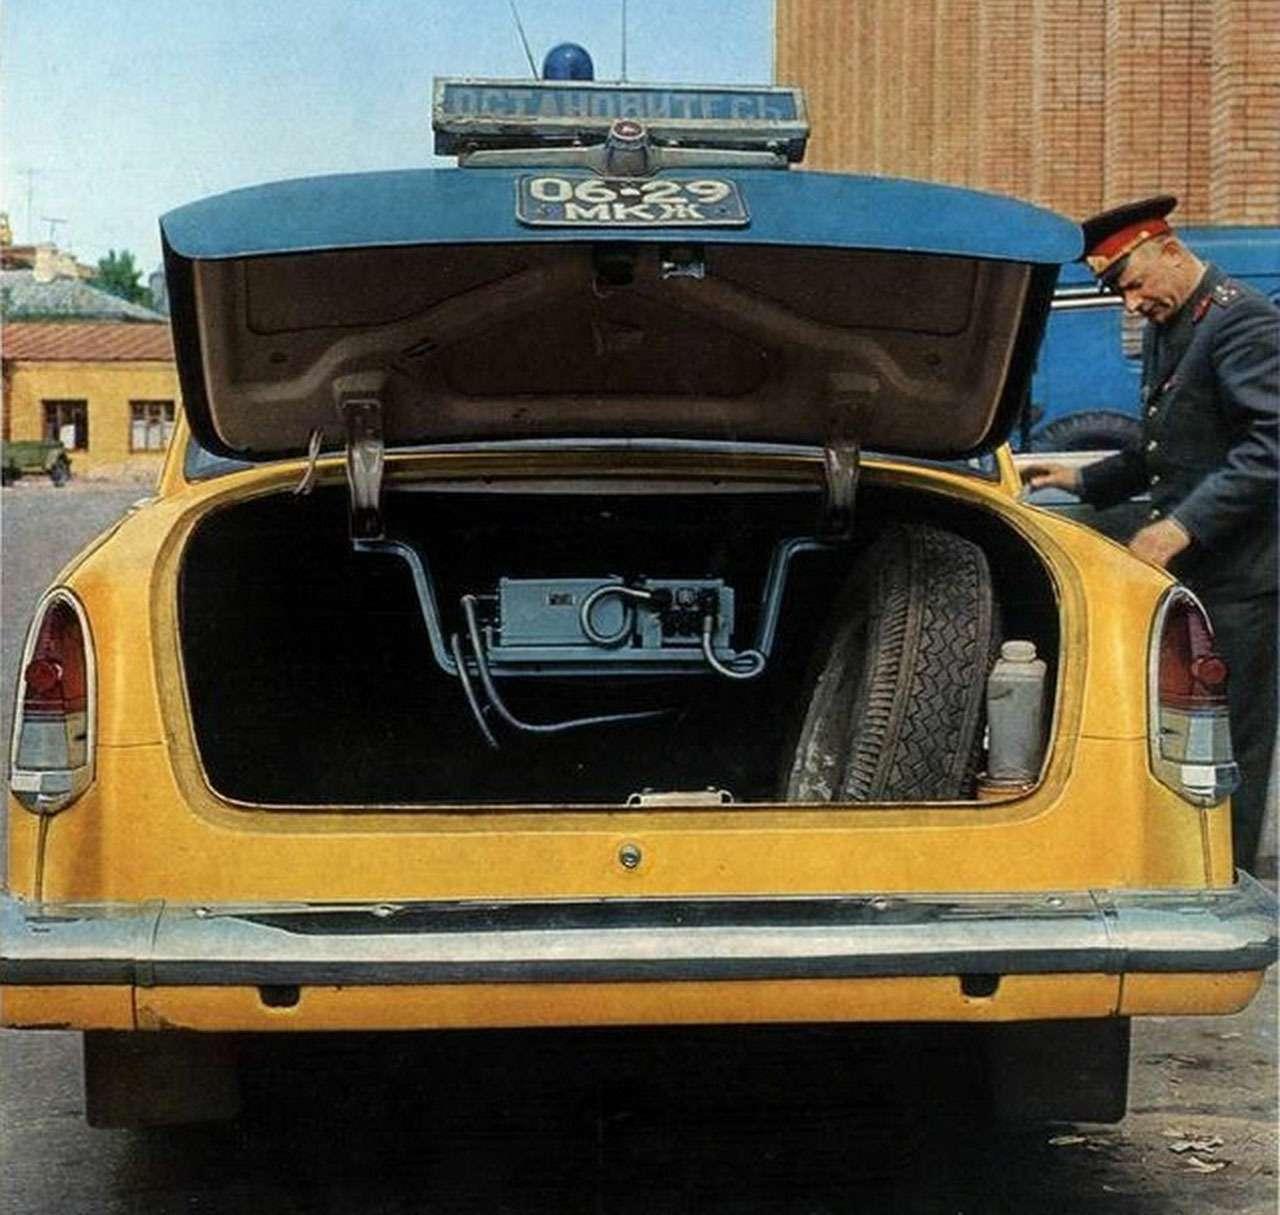 Всемашины нашей милиции: малолитражки, внедорожники, грузовики!— фото 1079918